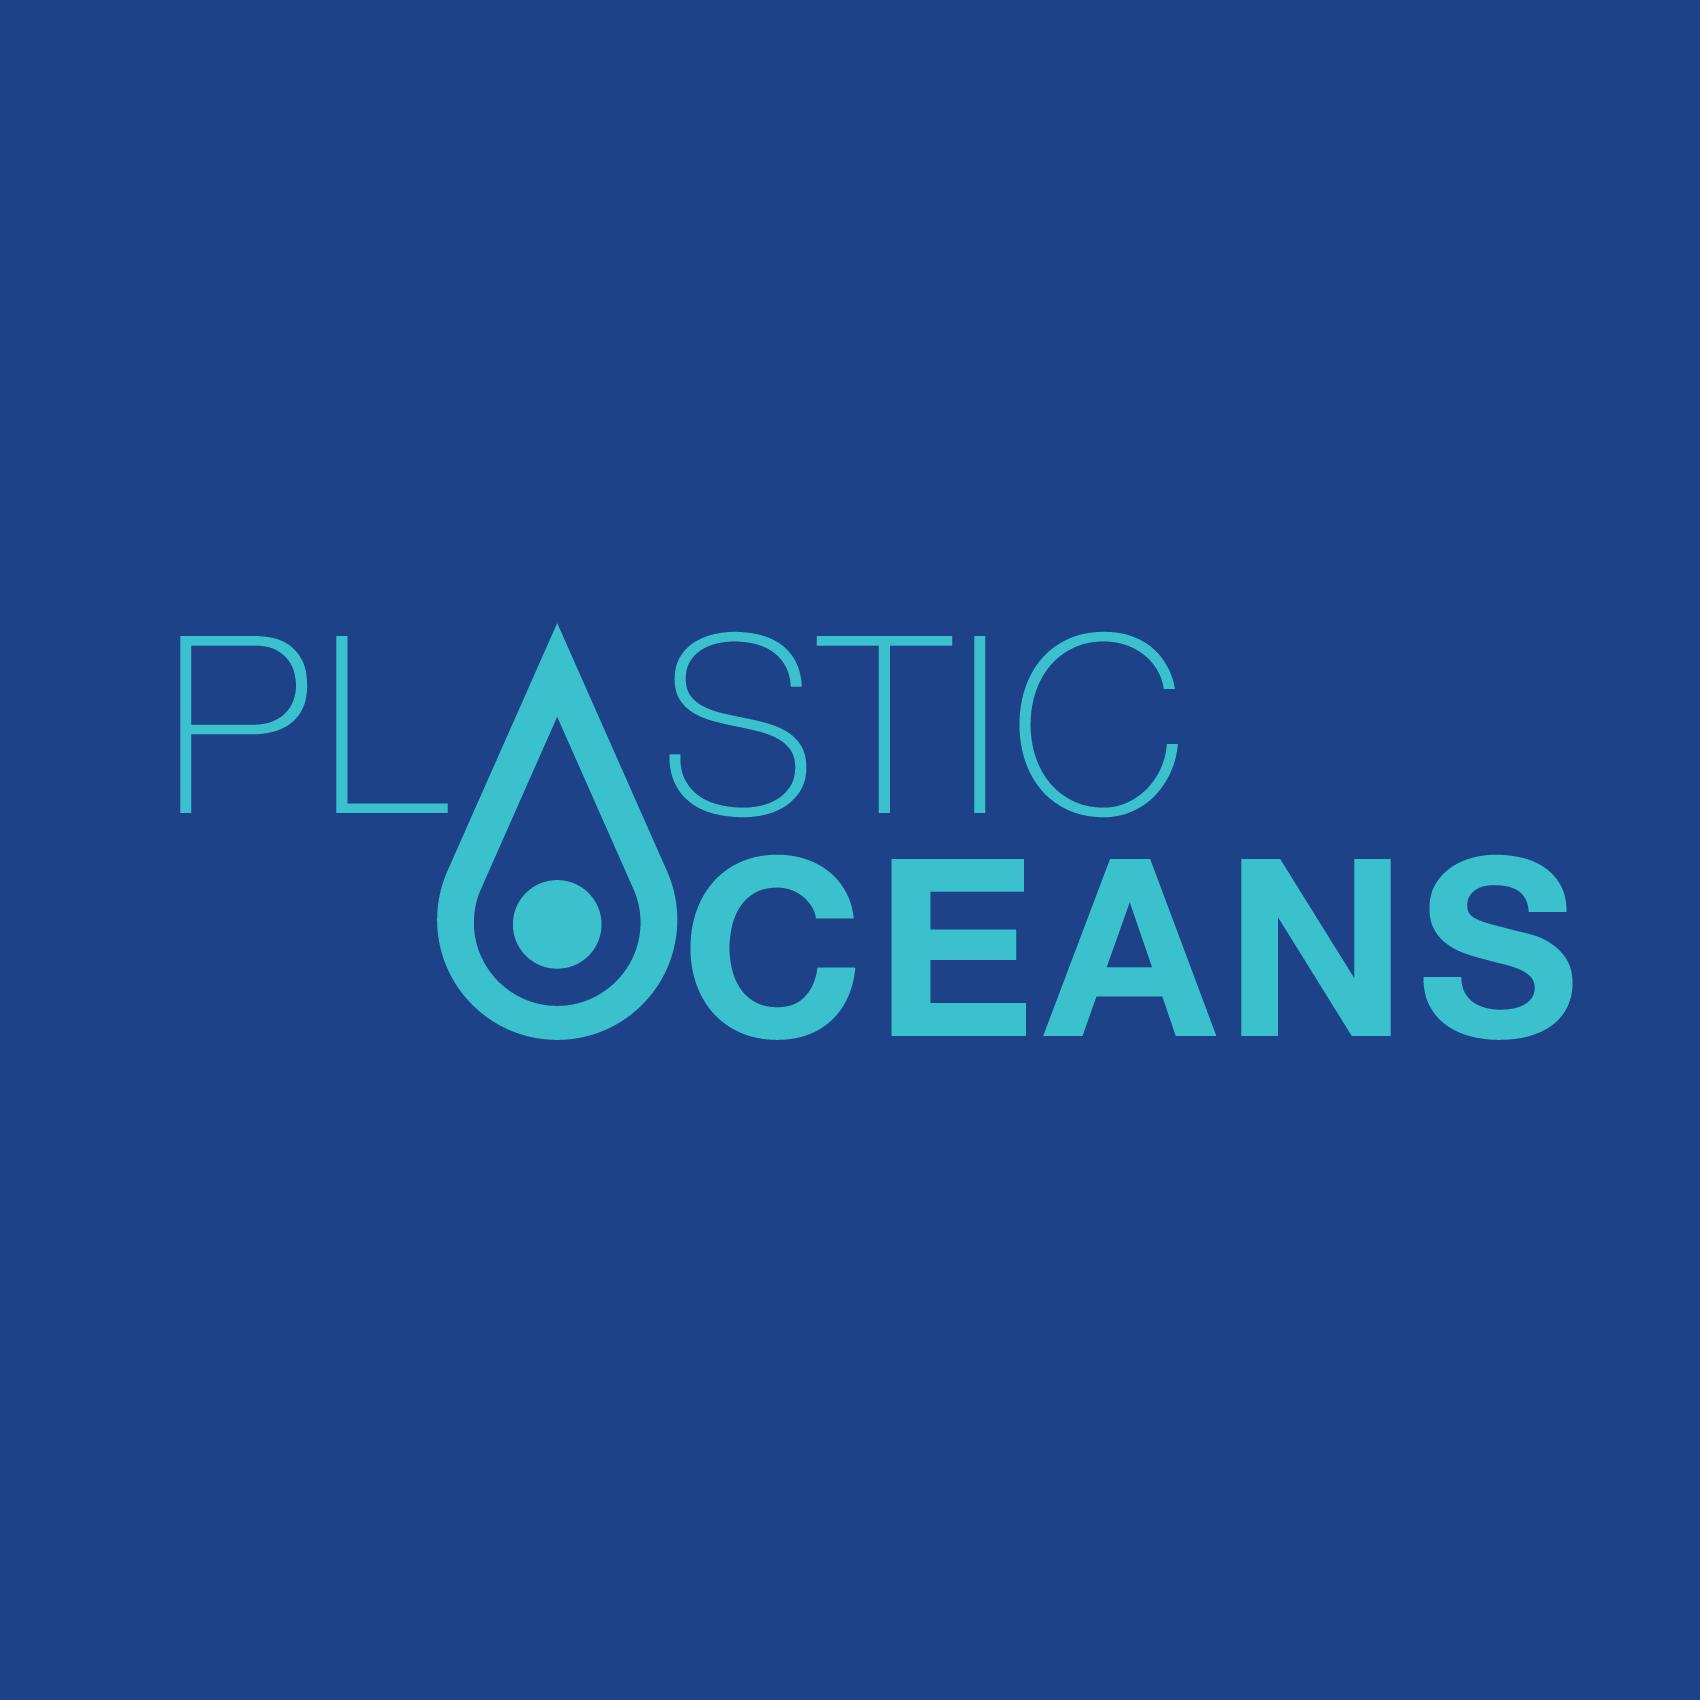 Plastic Oceans Foundation